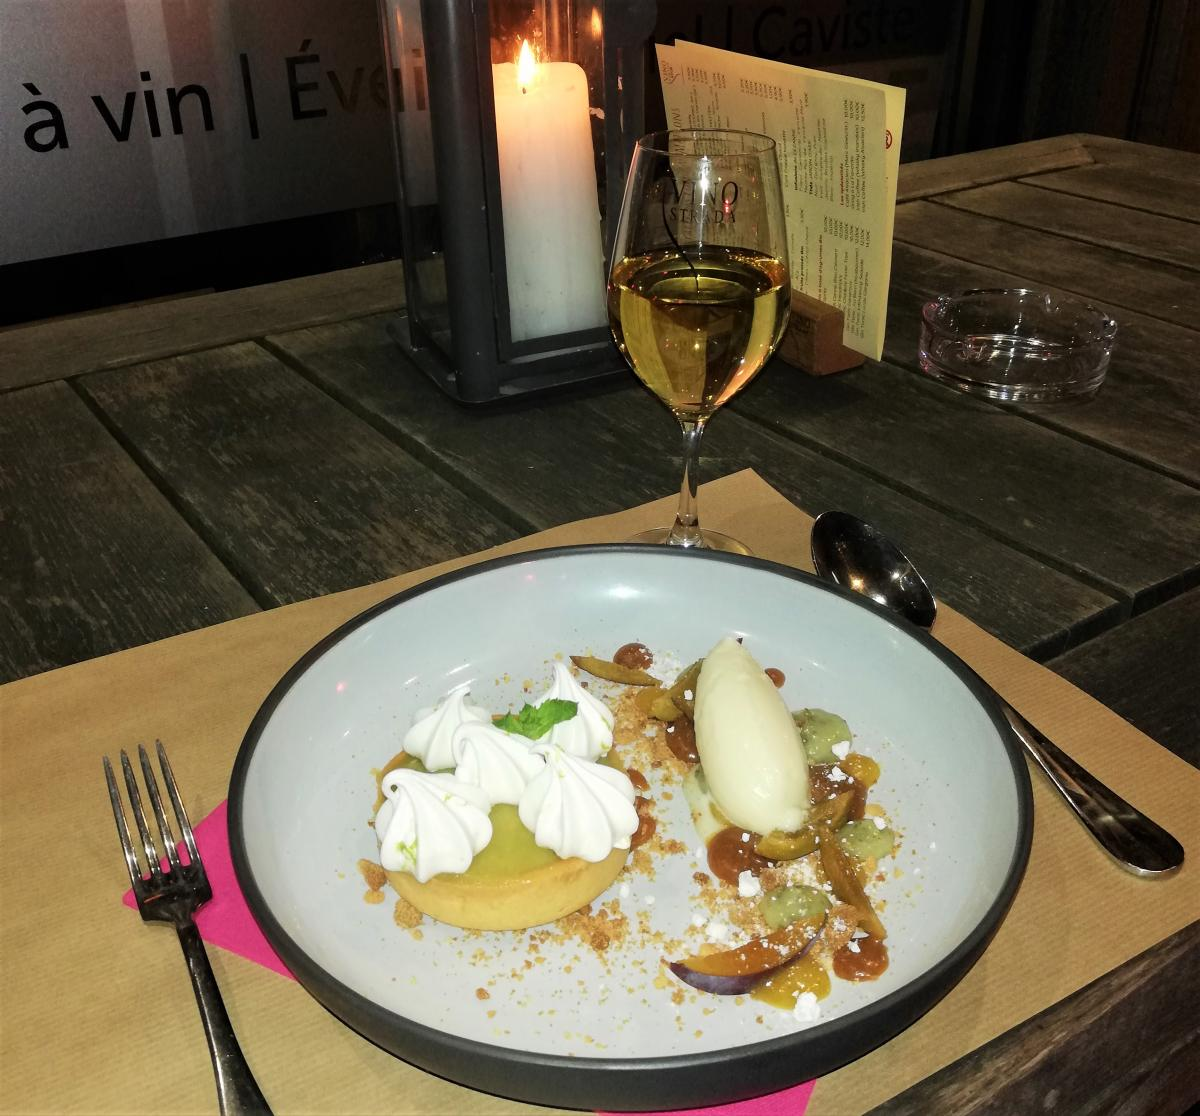 Такой скромный перекус в Европе стоит около 20 евро - удовольствие не на каждый день / Фото Марина Григоренко